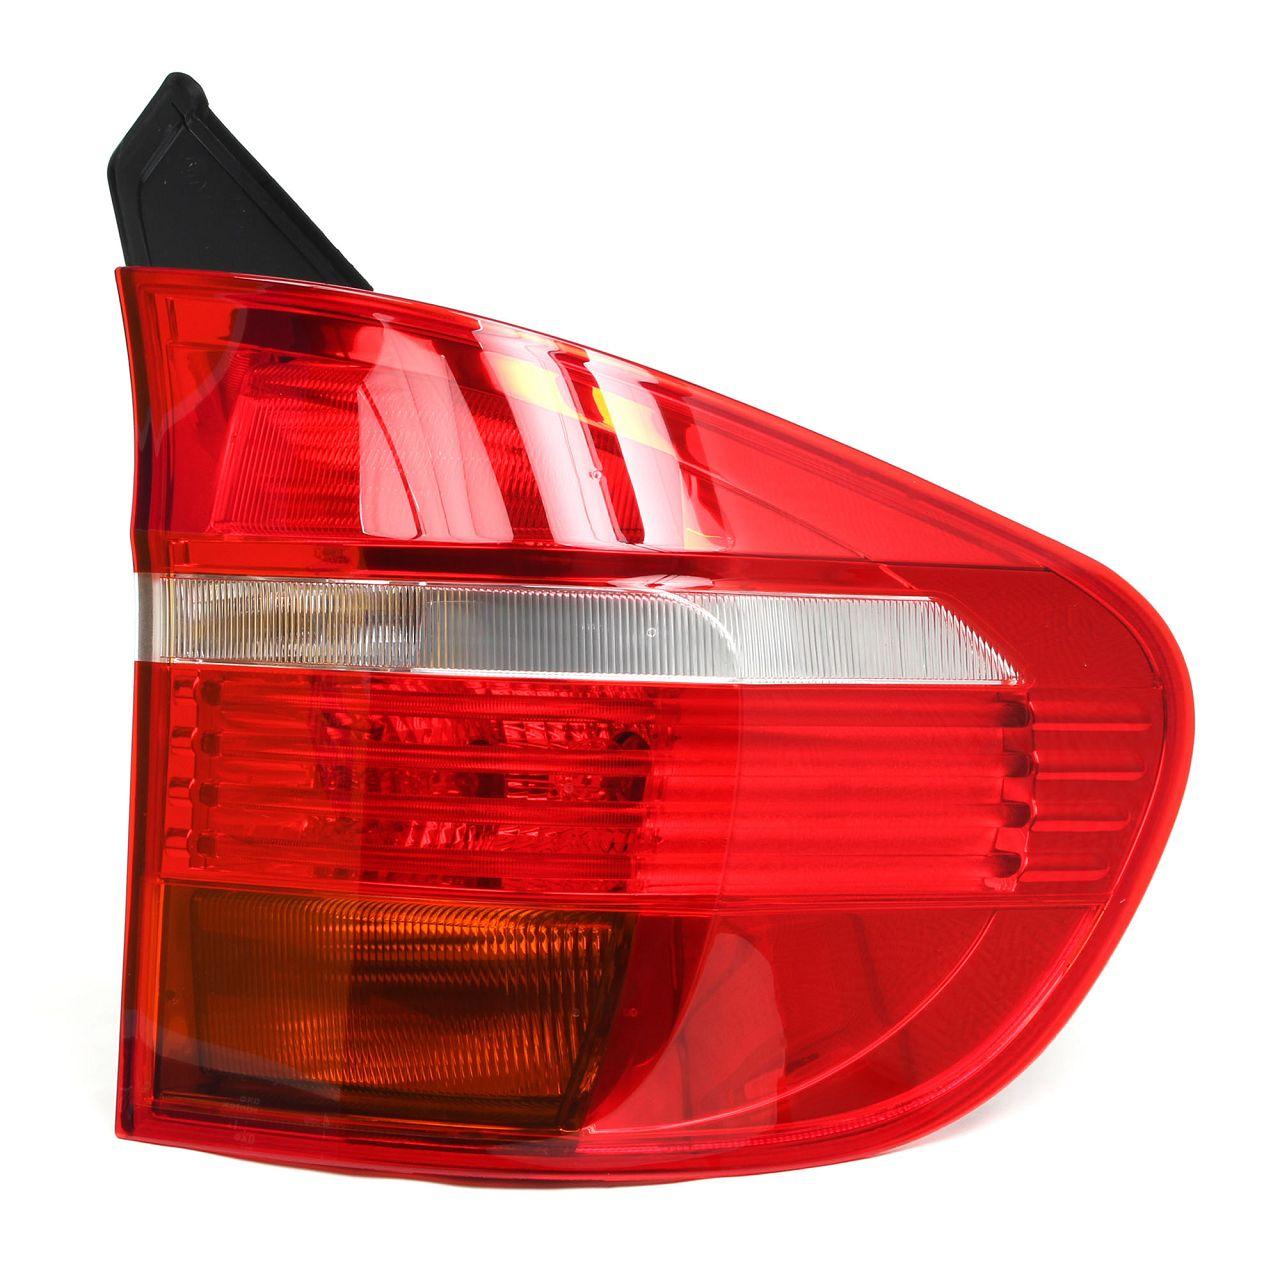 MAGNETI MARELLI Heckleuchte Rückleuchte für BMW X5 E70 bis 04.2010 AUSSEN RECHTS